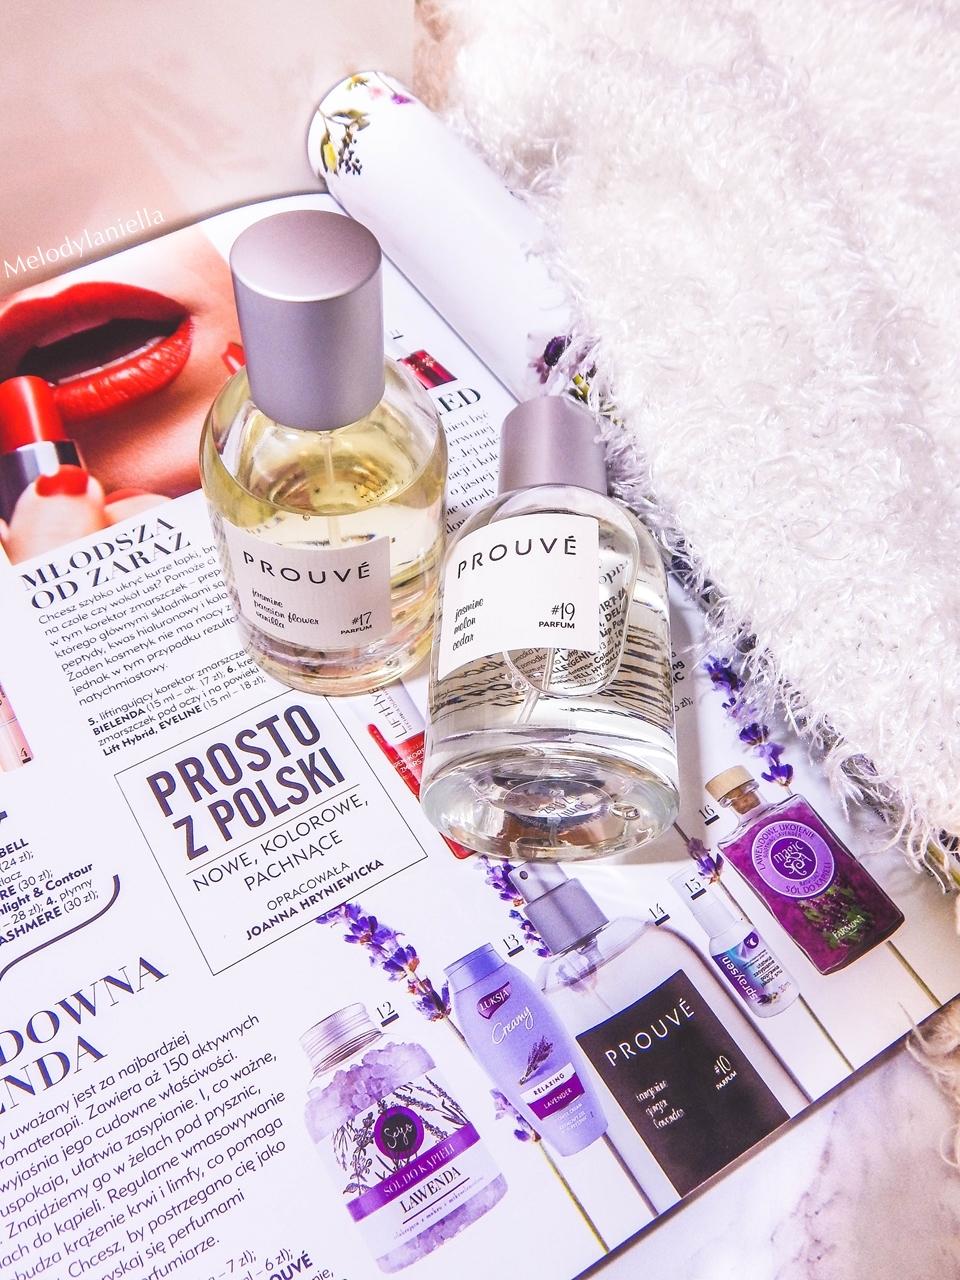 6 lawendowe perfumy dobrej jakości co zrobić żeby perfumy dłużej zachowywały zapach prouve jakość ceny opinie perfum czy warto kupić jakie są polskie perfumy ładne zapachy na zimę perfumy w prezencie